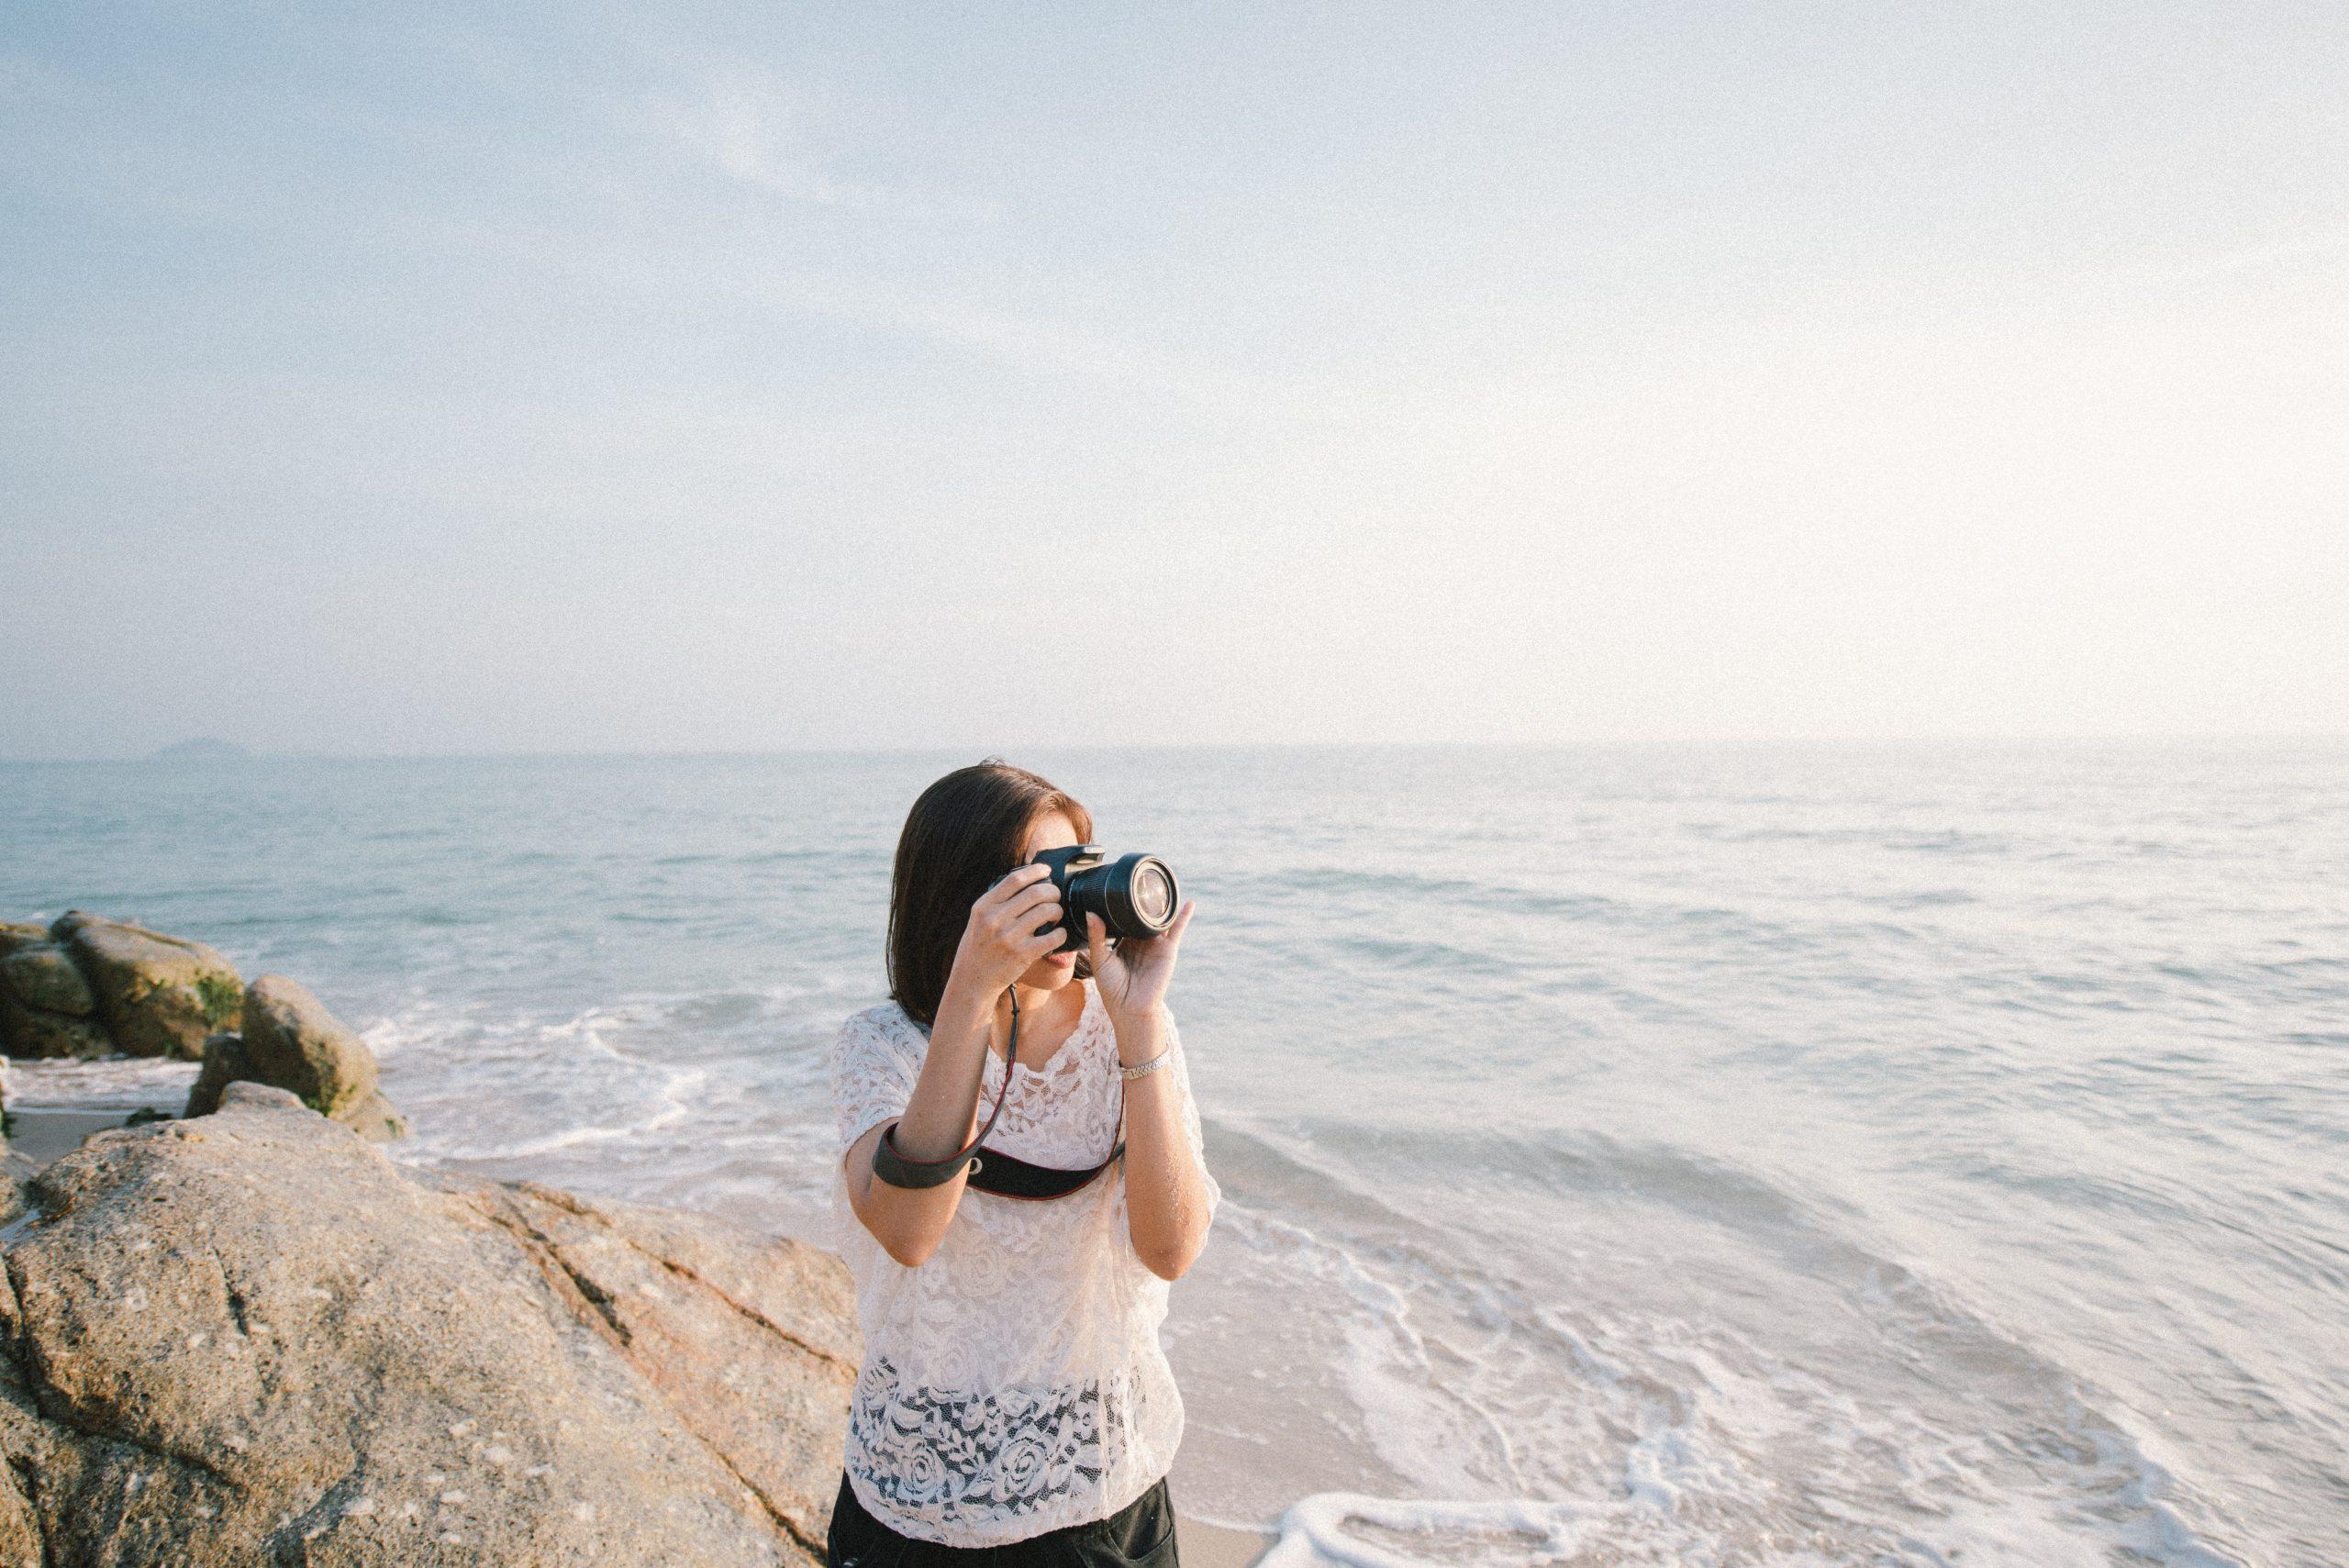 Fotografías profesionales